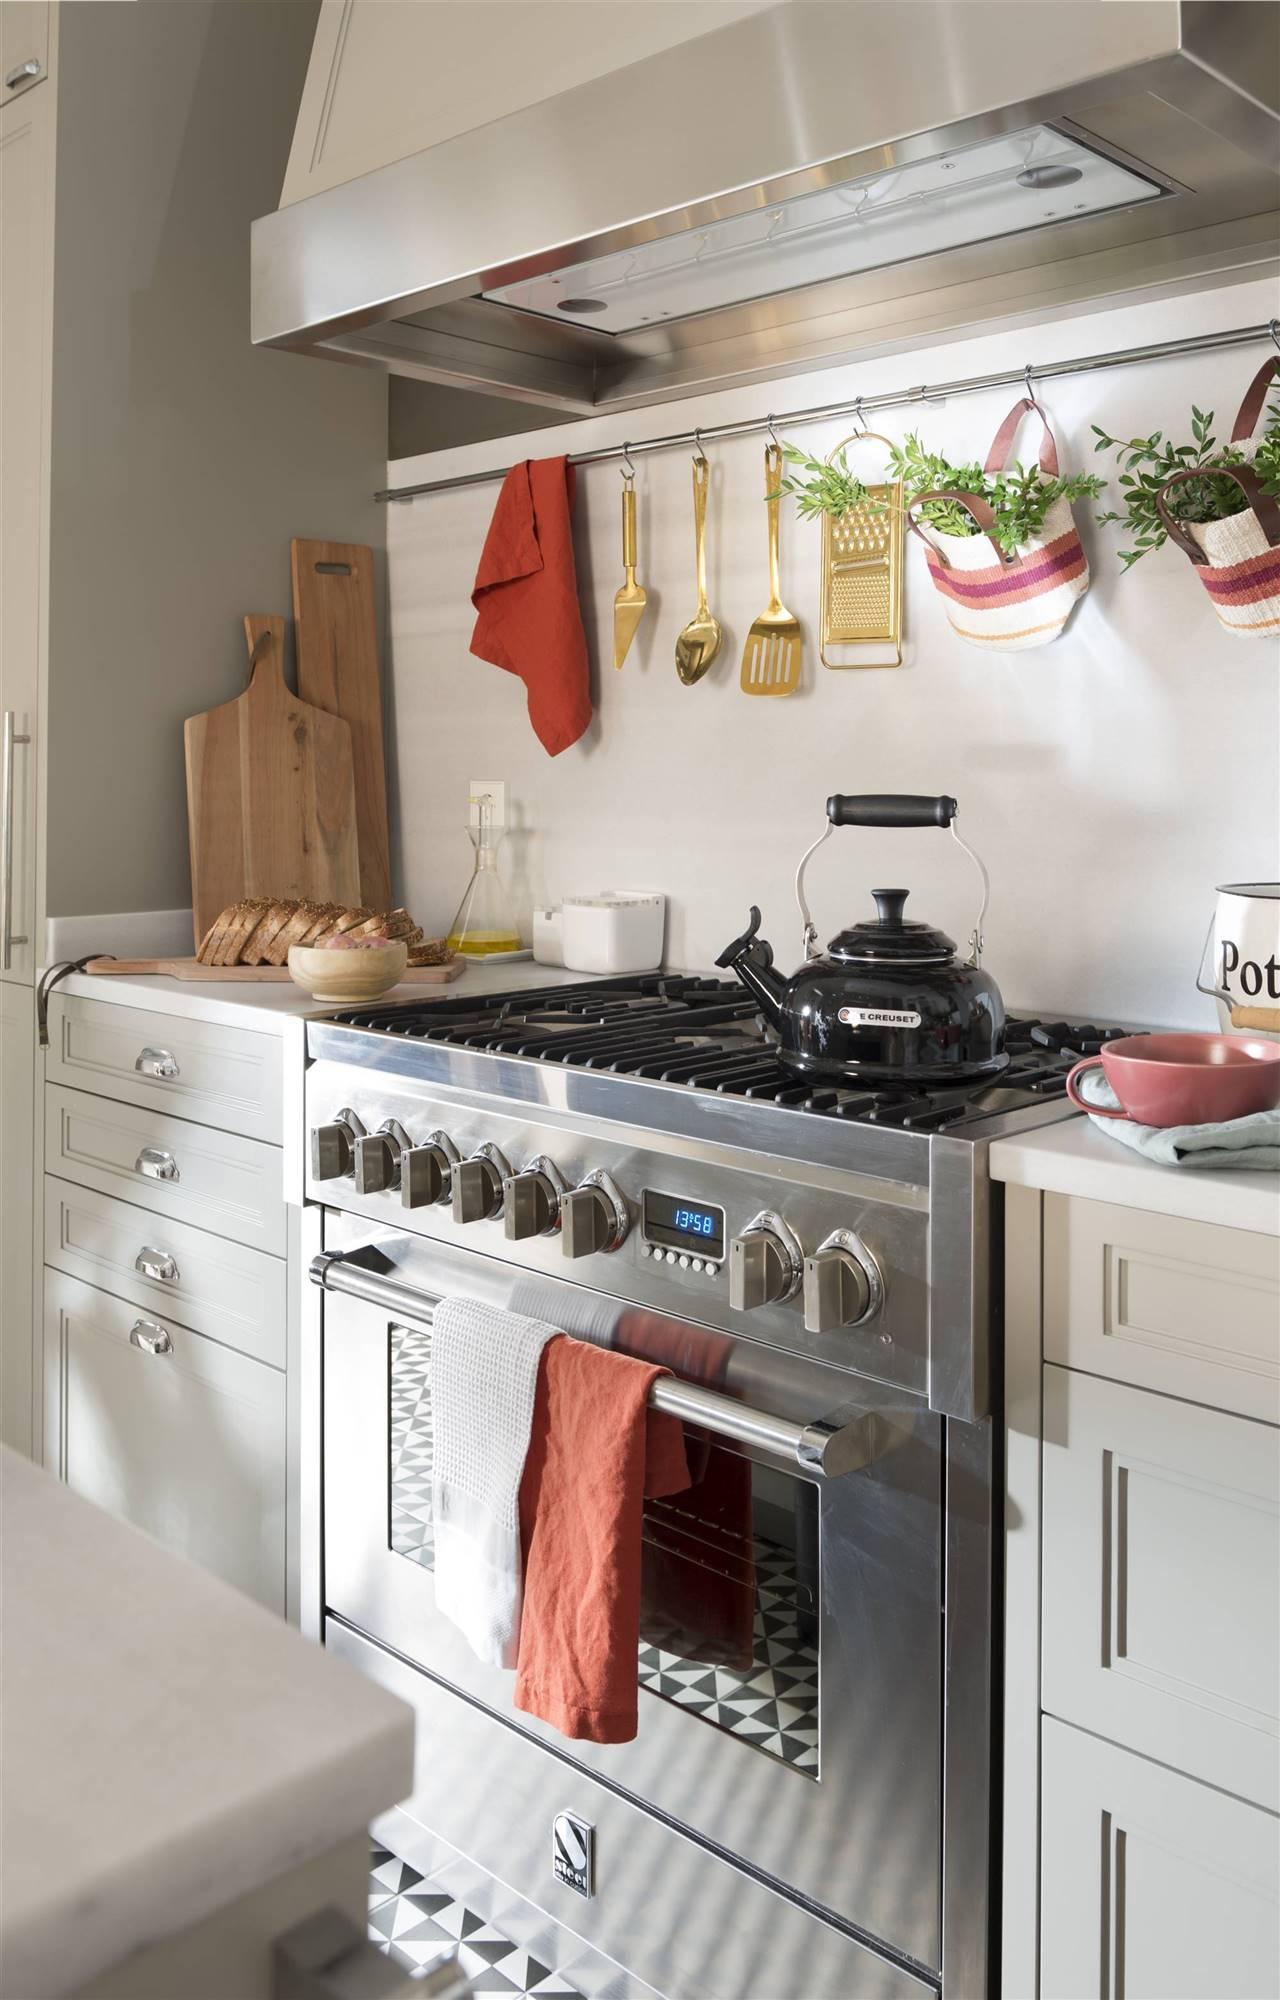 cocina-campana-y-fogones 00484166 O. Campana extractora